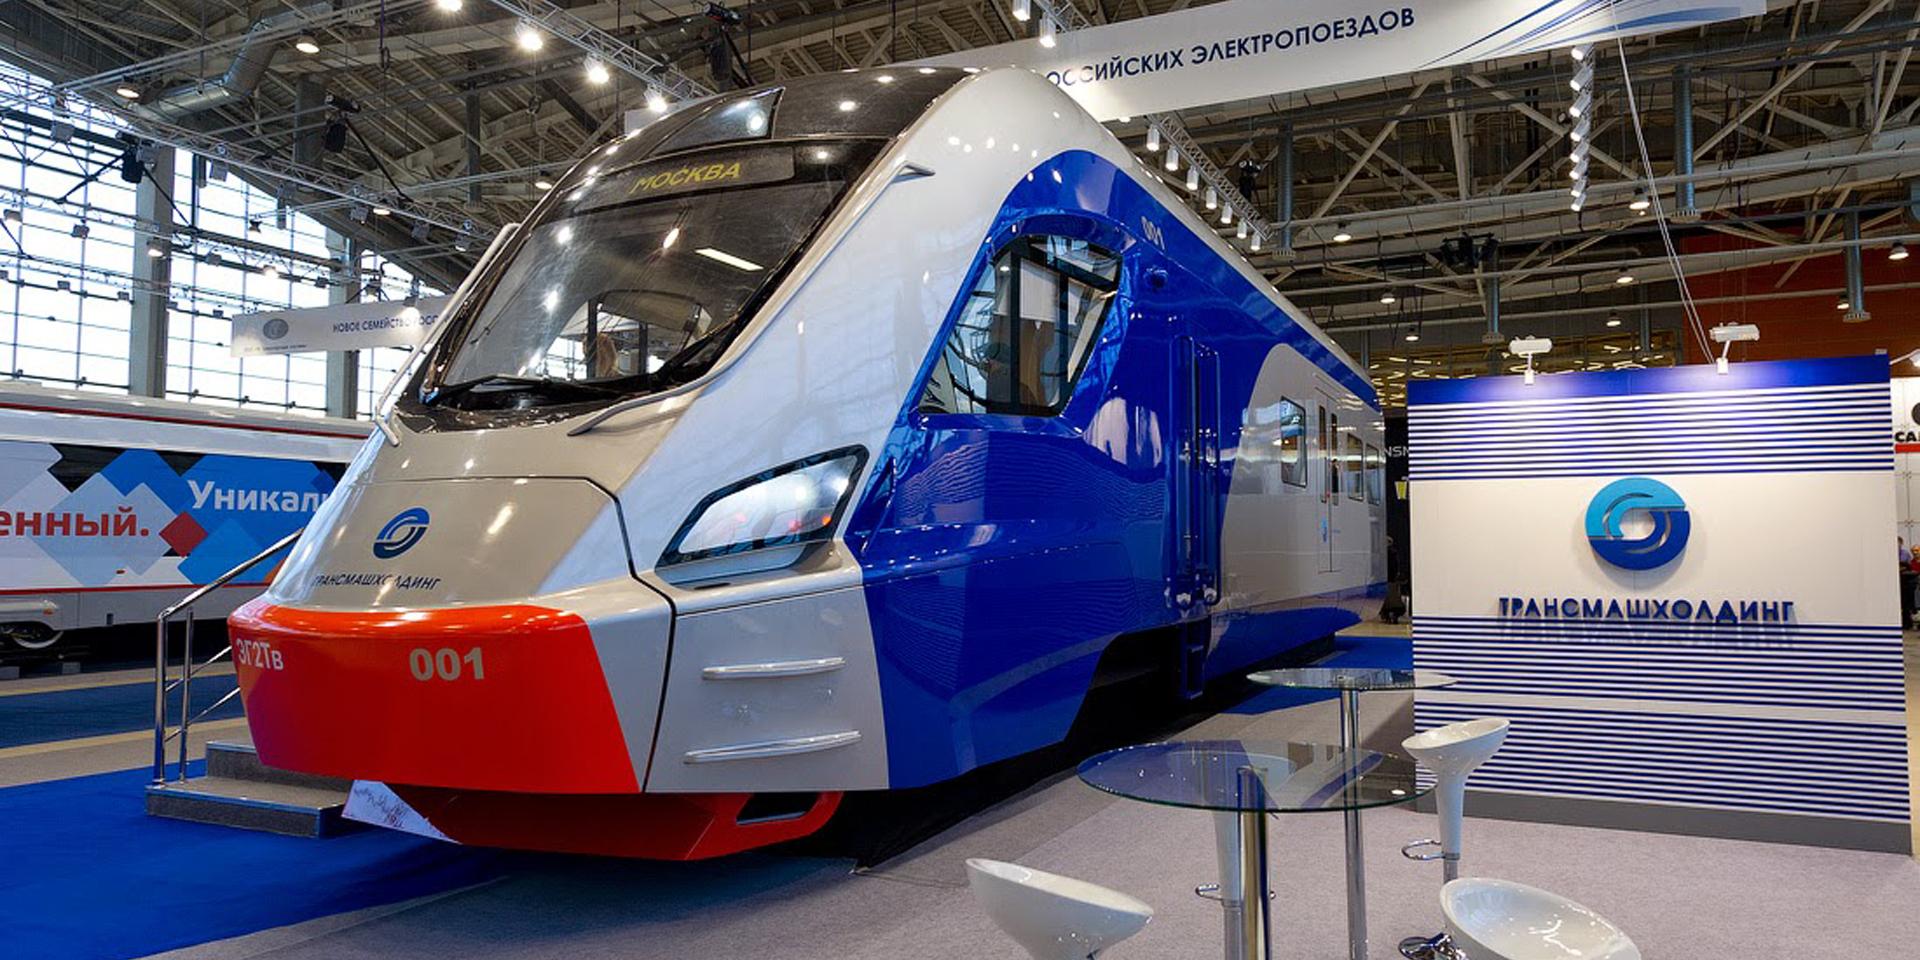 Новейший российский электропоезд отправлен на испытания